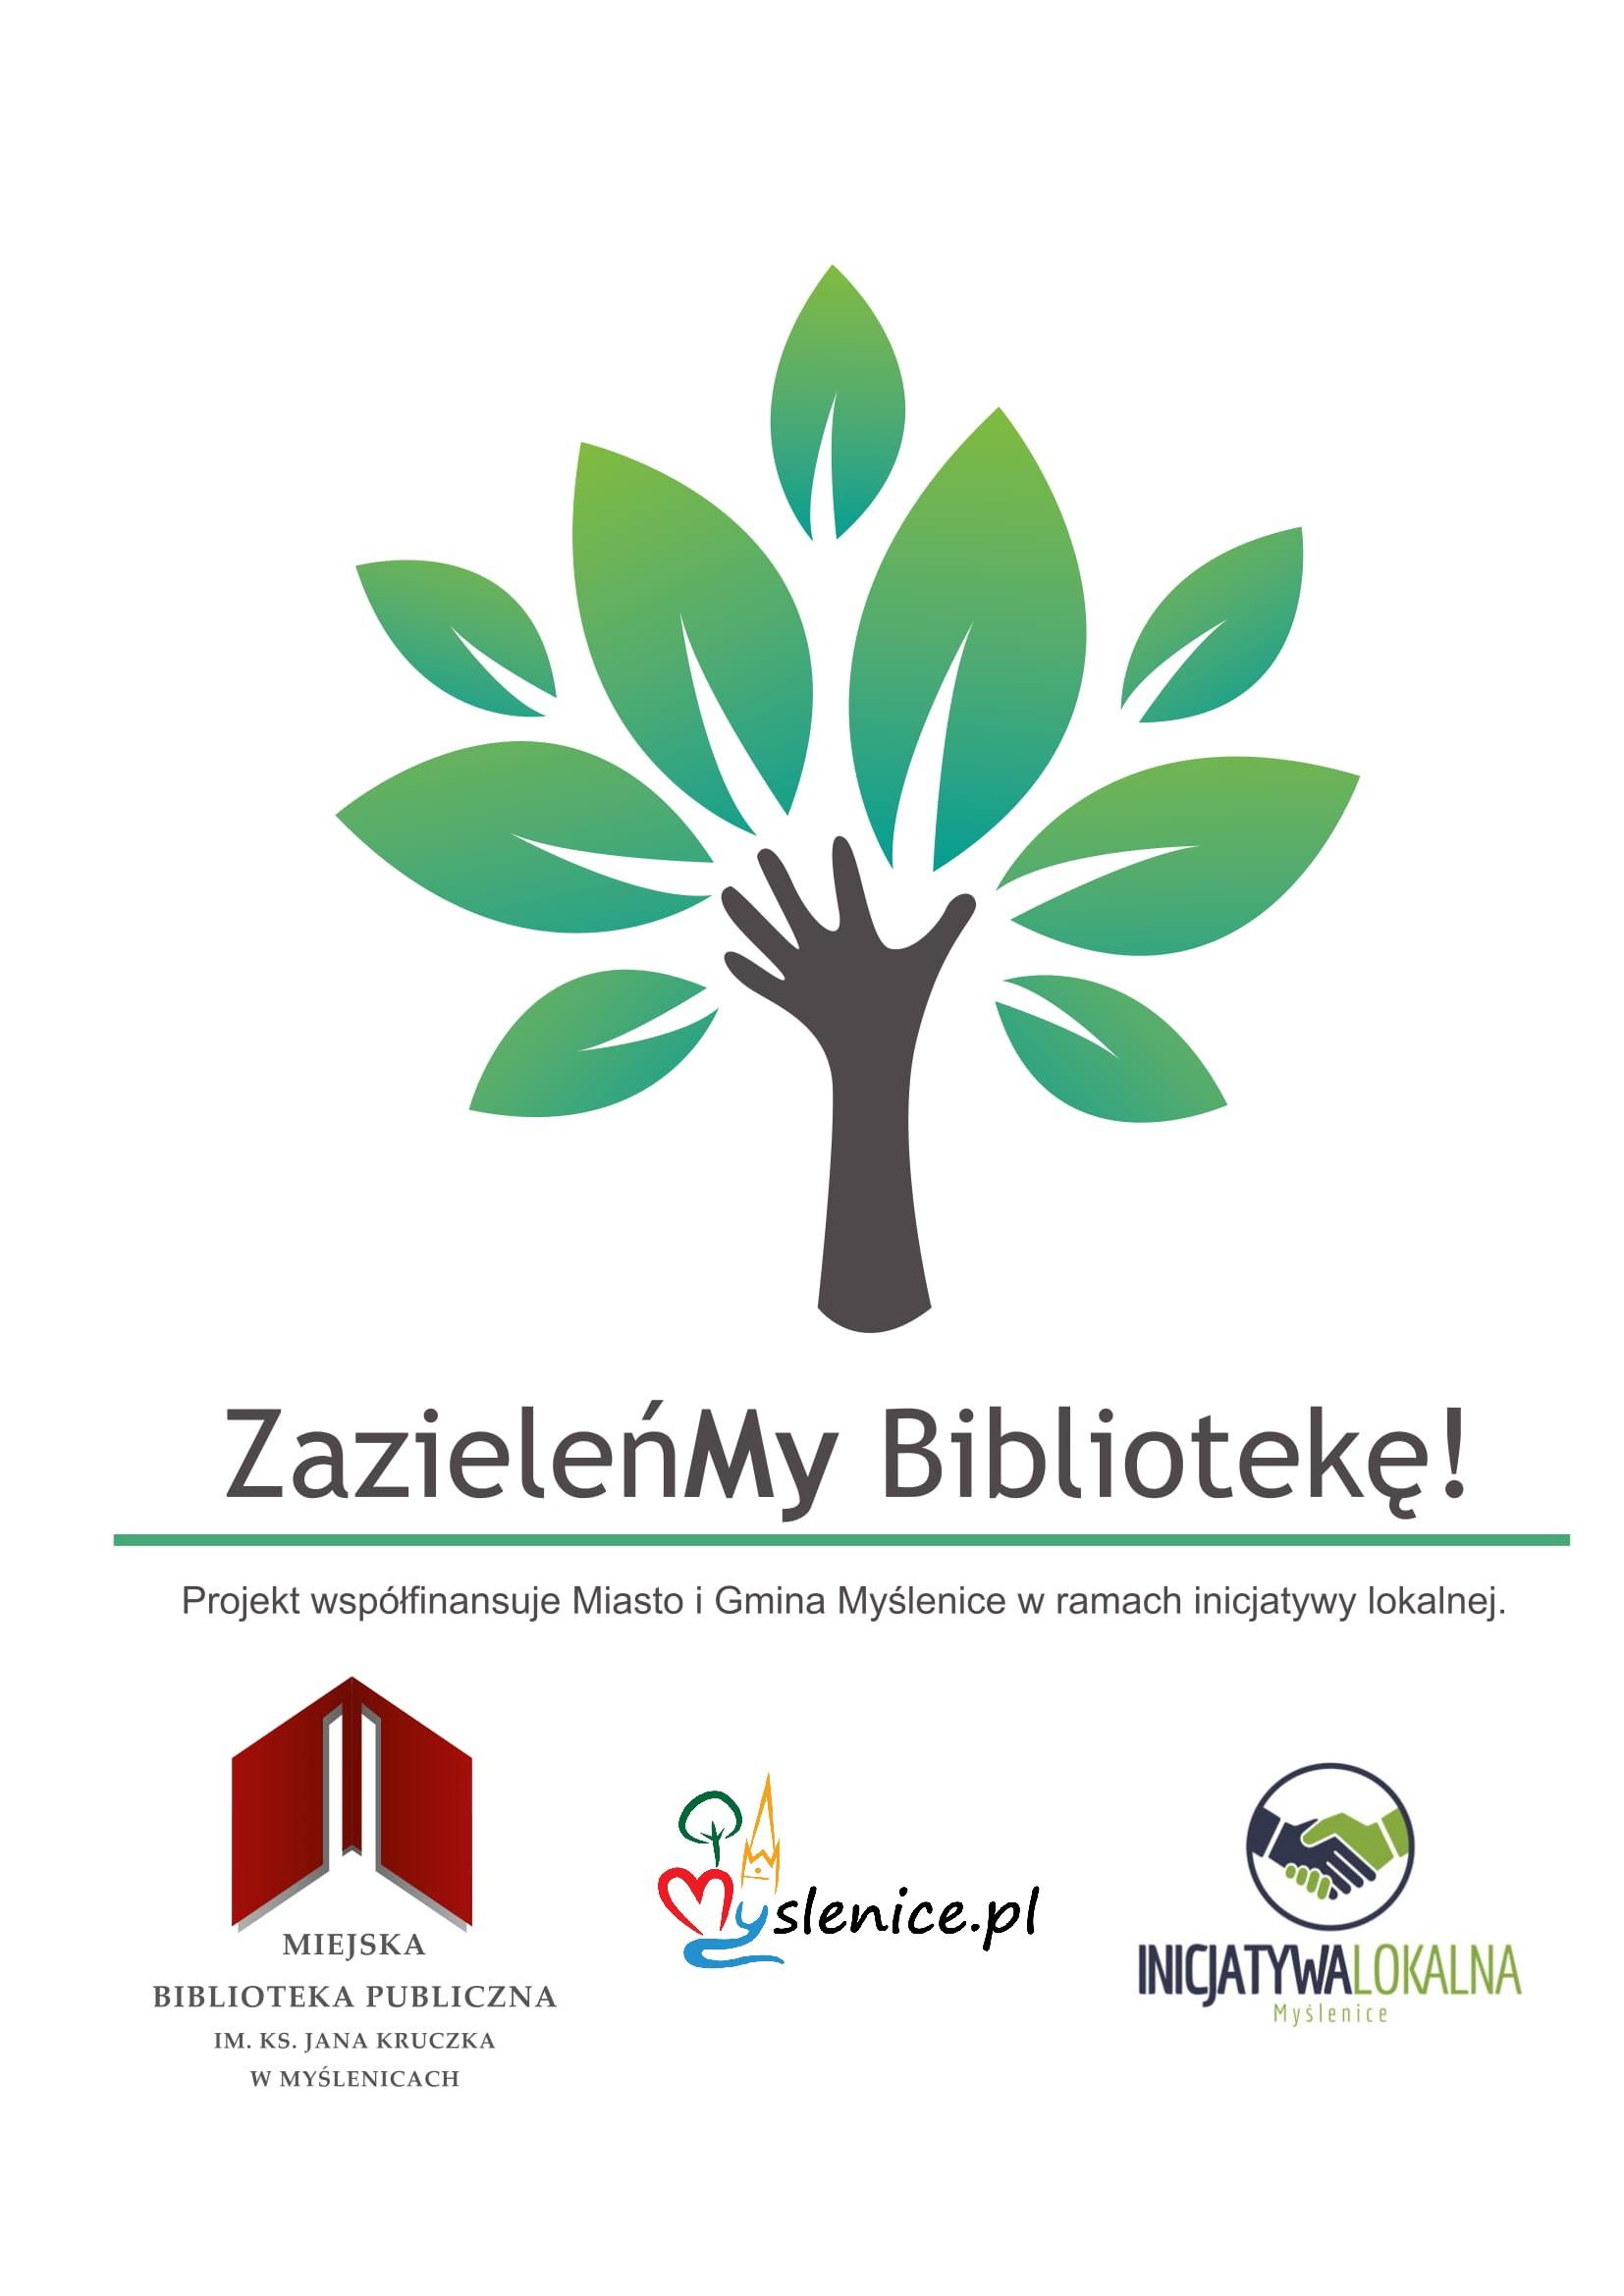 ZazieleńMy Bibliotekę